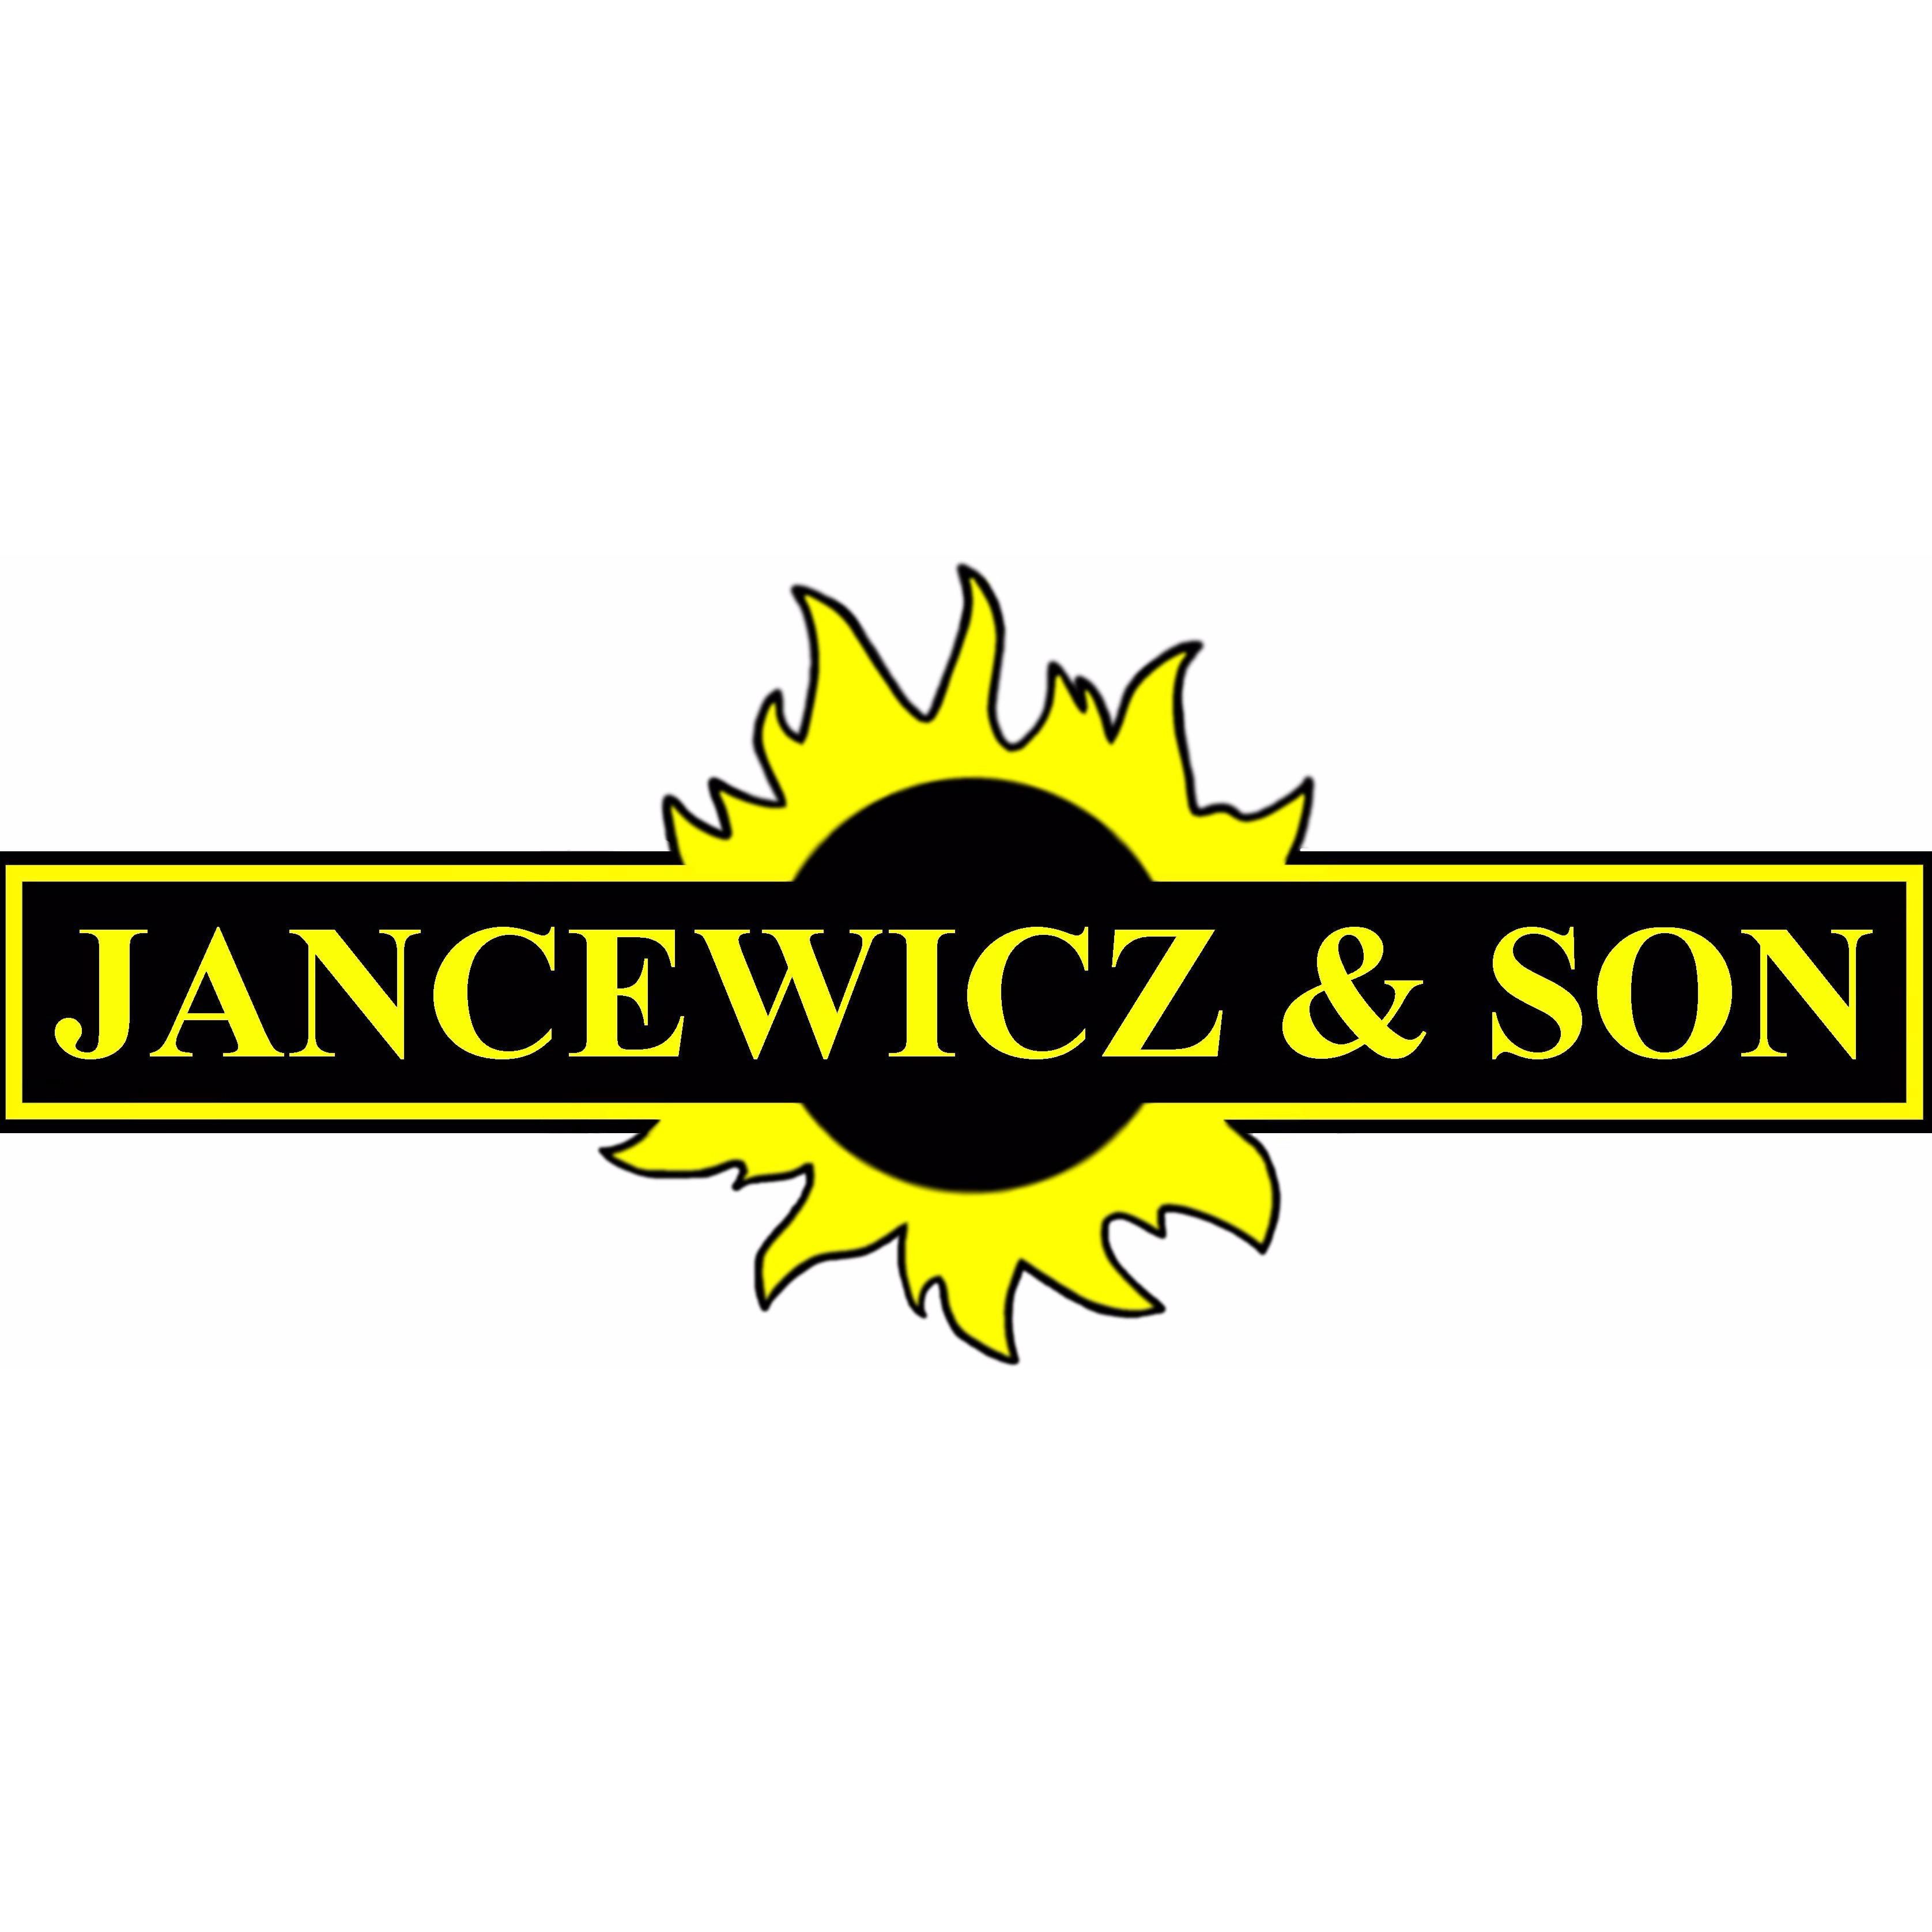 Jancewicz & Son